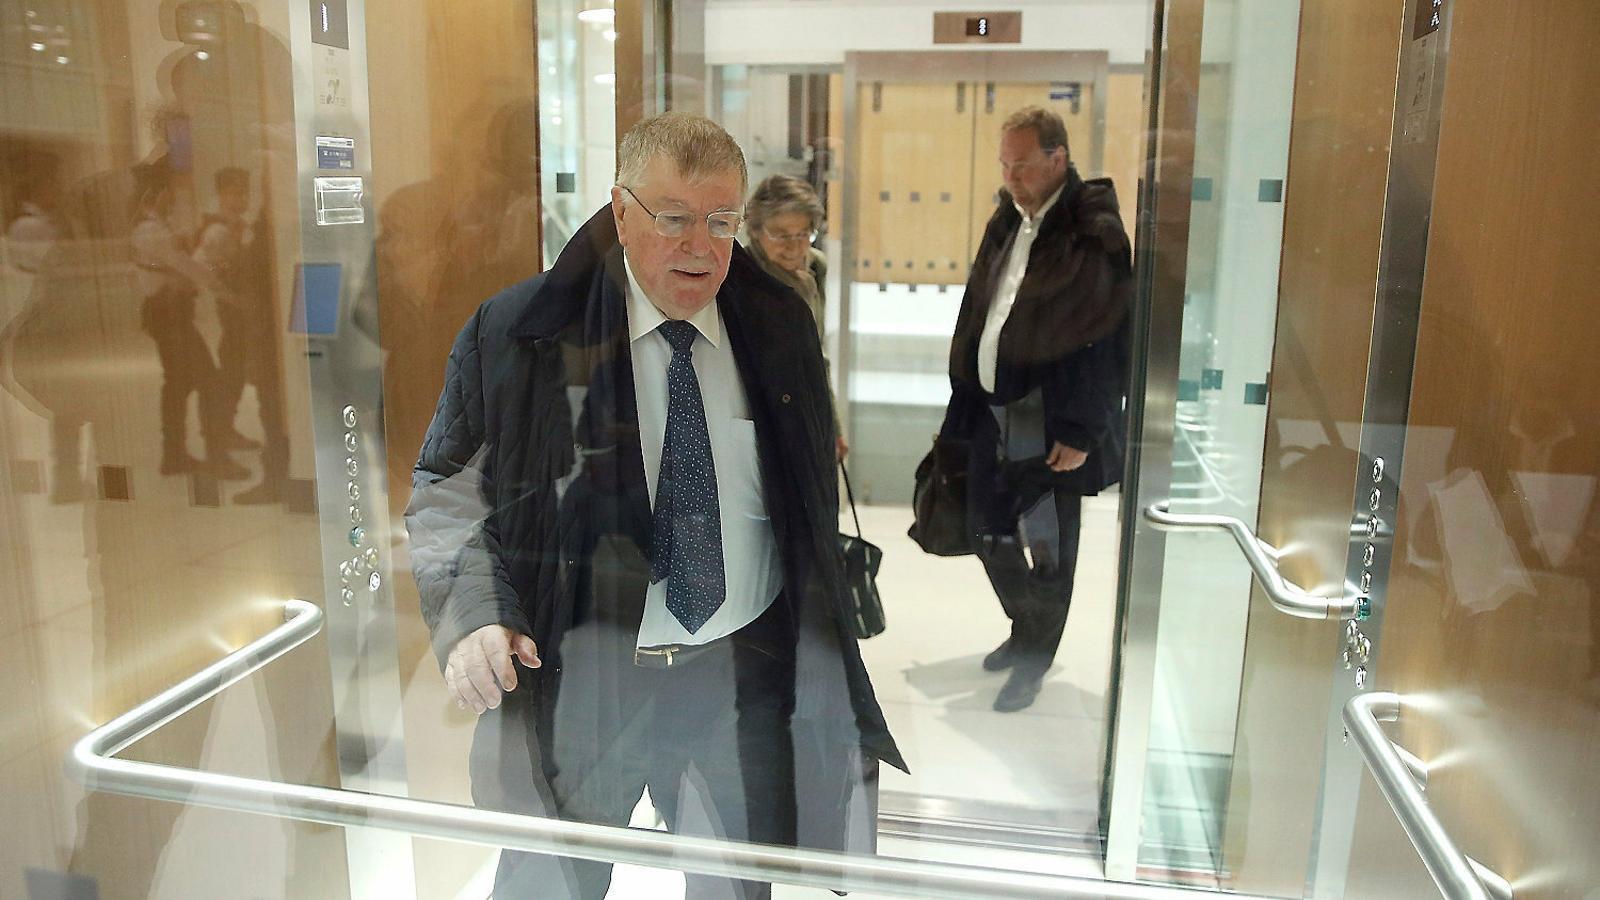 Didier Lombard, l'antic conseller delegat de France Télécom que va fer el pla d'assetjament als treballadors i que ara està sent jutjat.